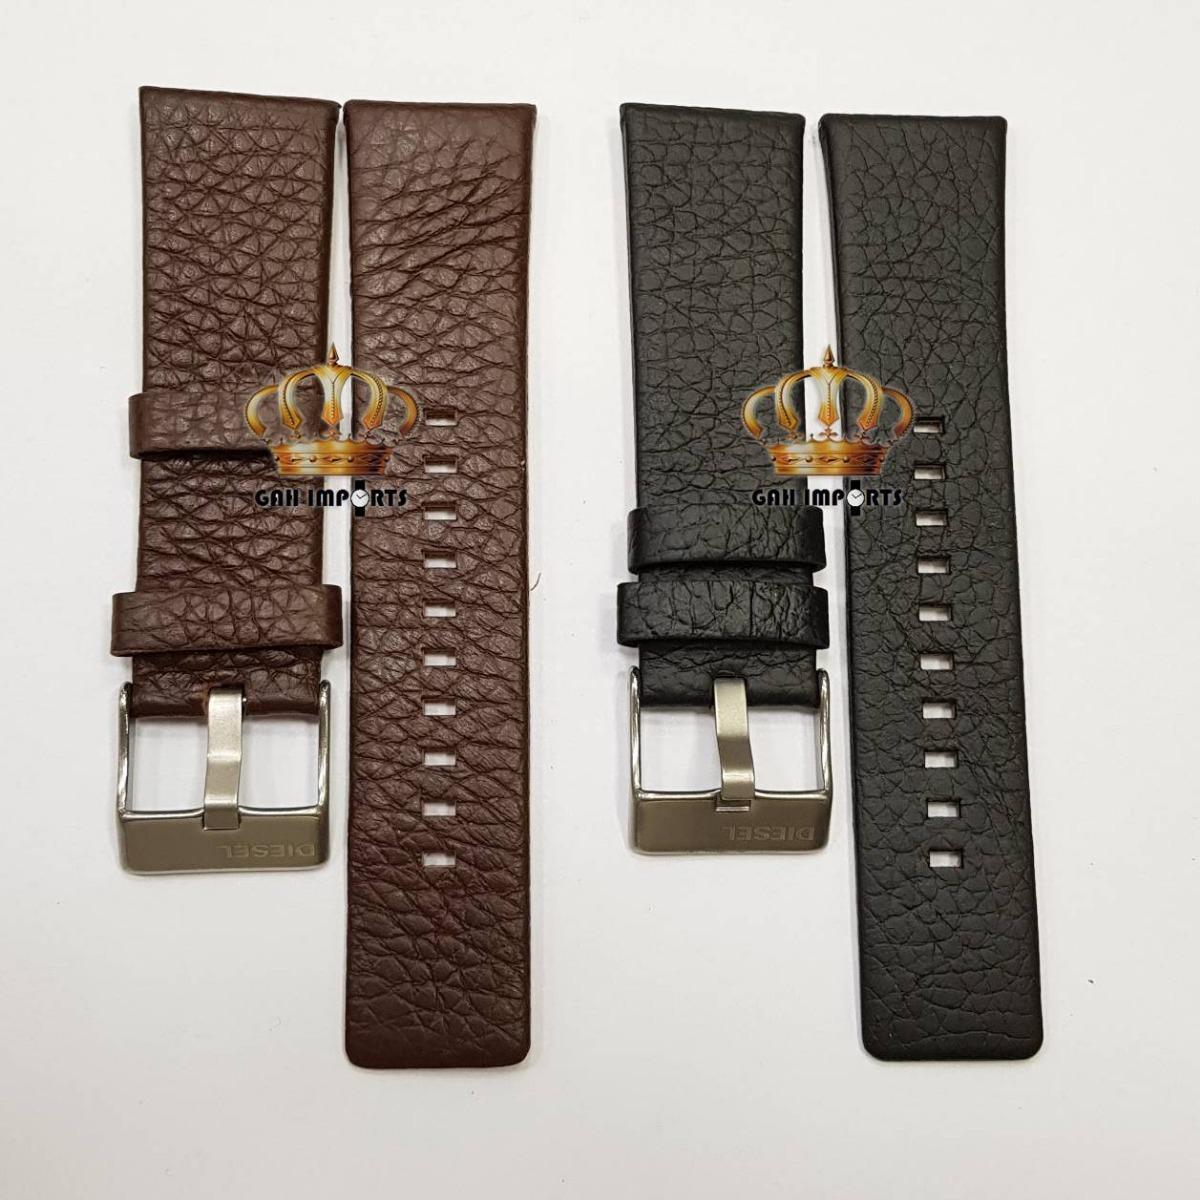 b94c236e83c pulseira para diesel 24mm couro legítimo com fivela. Carregando zoom.